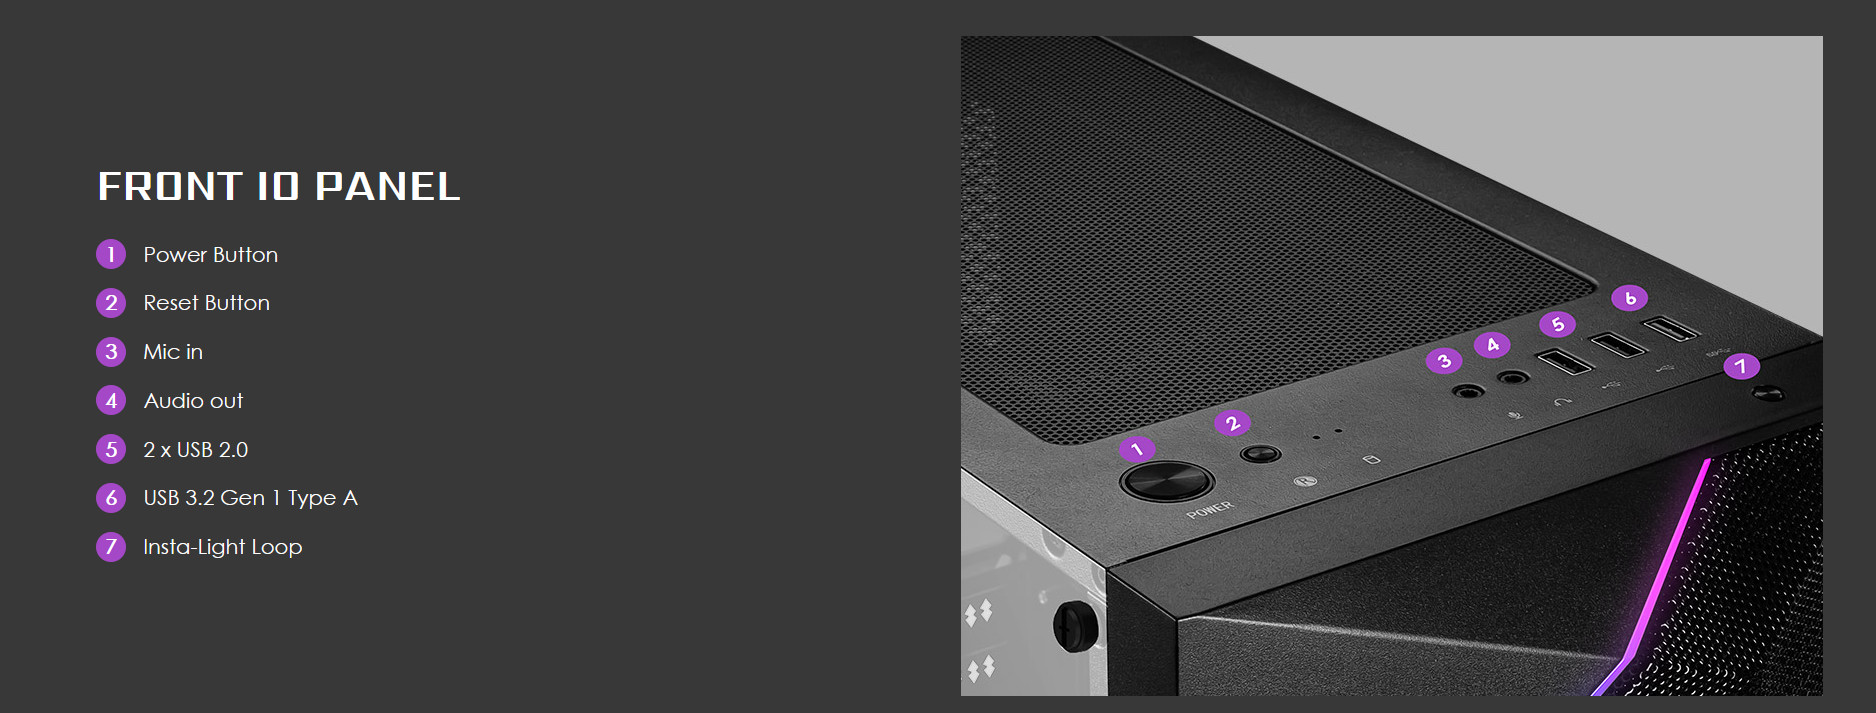 Vỏ Case MSI MAG VAMPIRIC 100L trang bị cổng kết nối mặt trước với đầy đủ nút bấm và các cổng kết nối USB + tai nghe